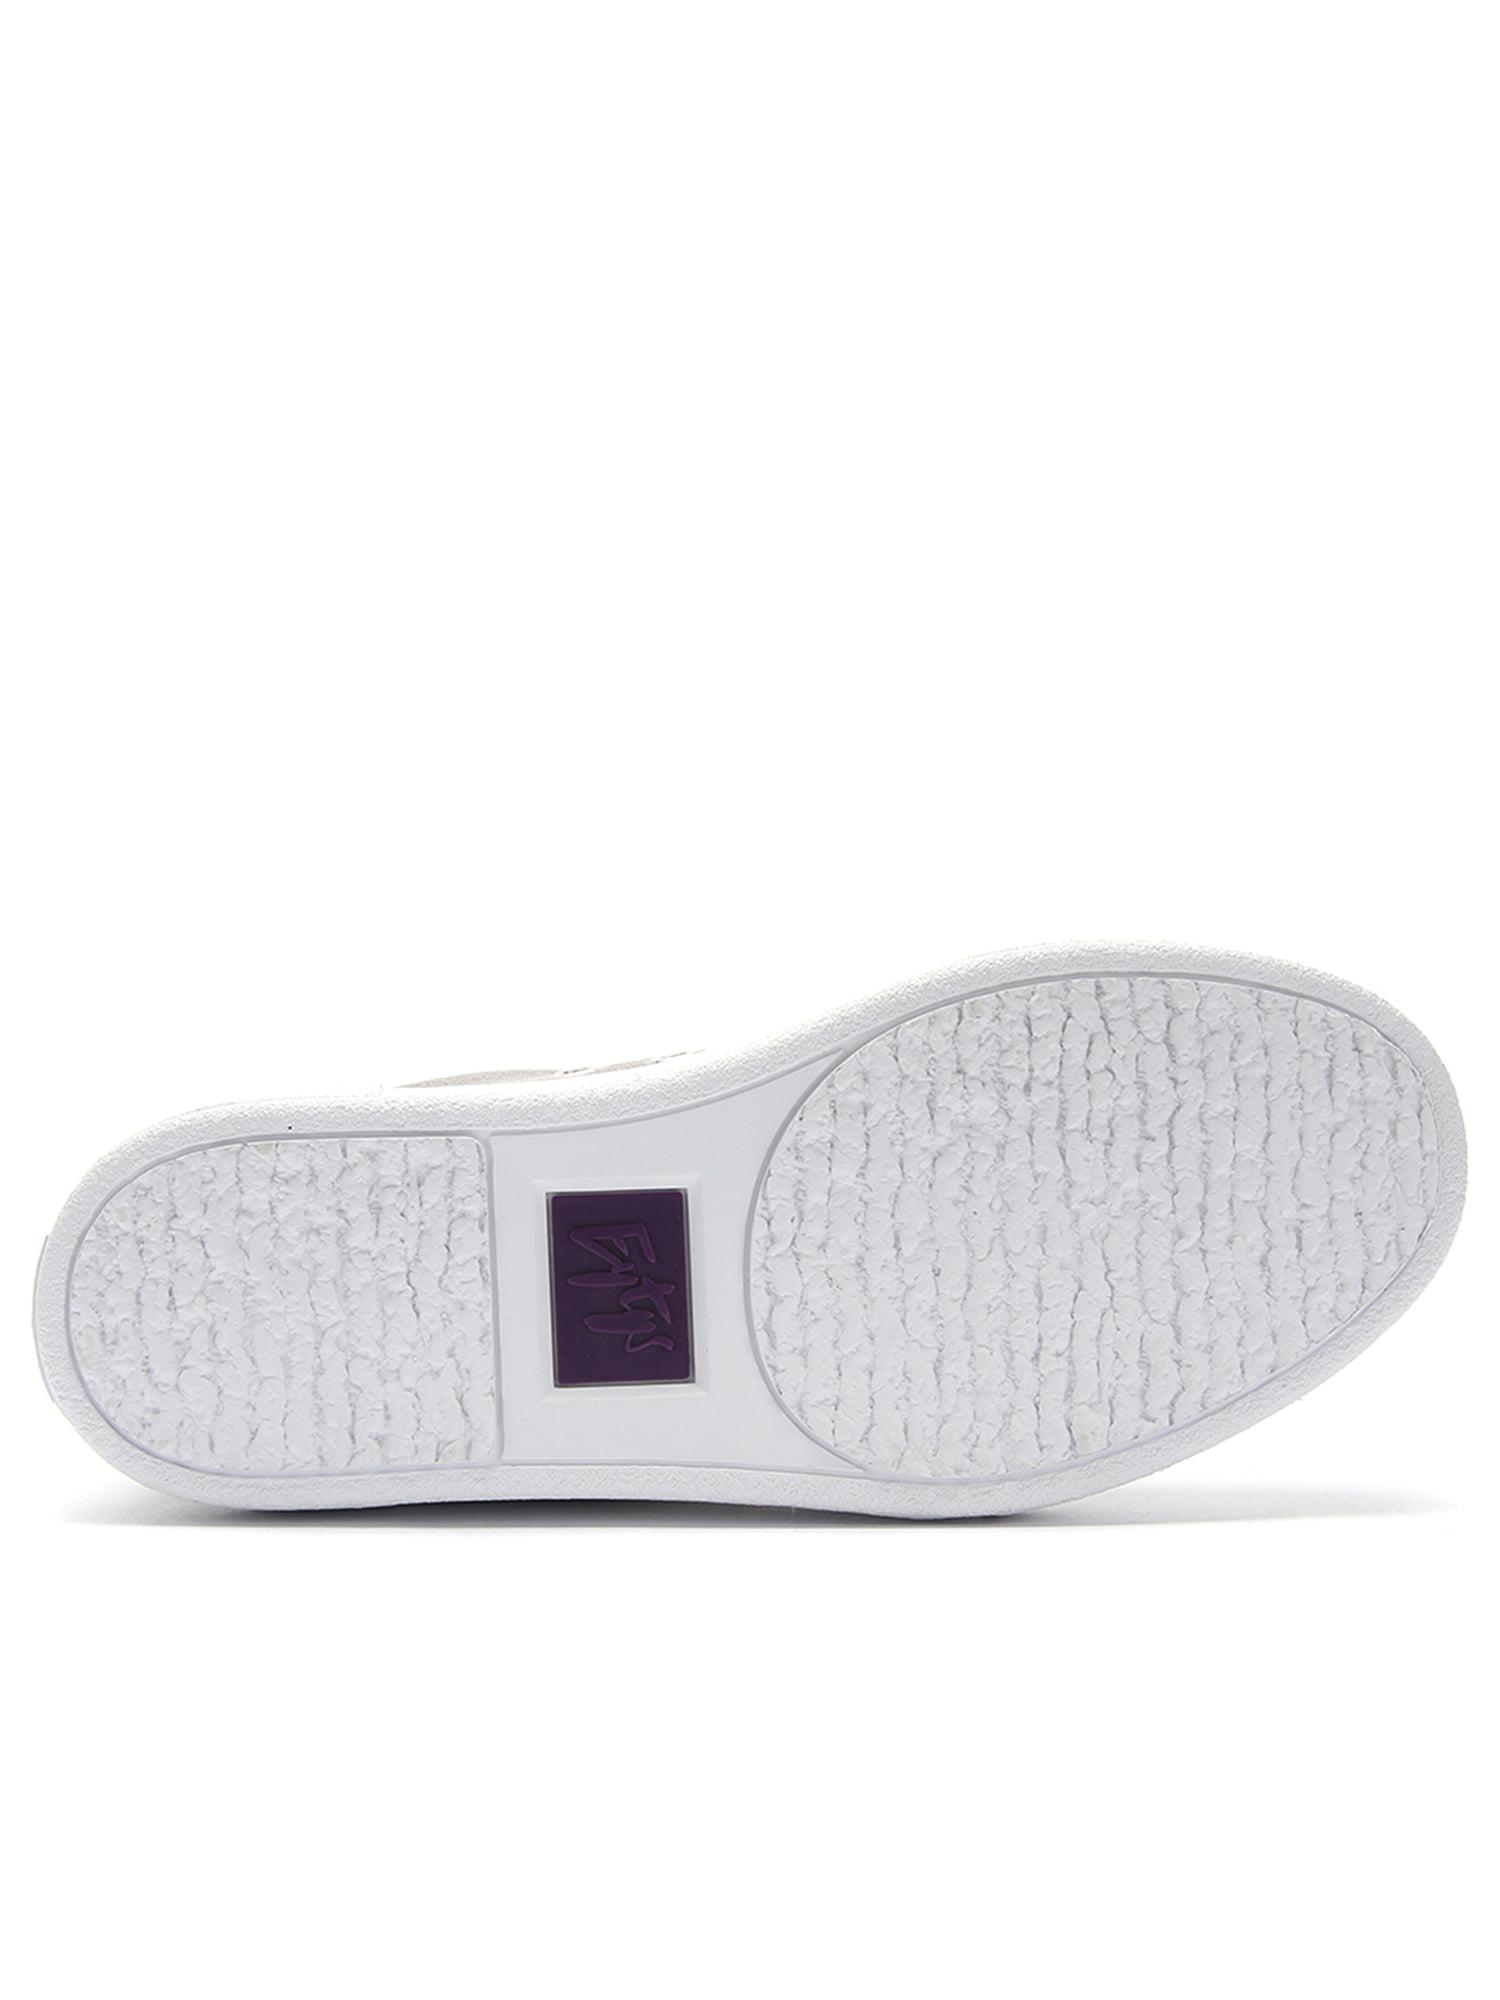 Eytys Doja Suede Fashion Sneakers DOJASUEDE Grey